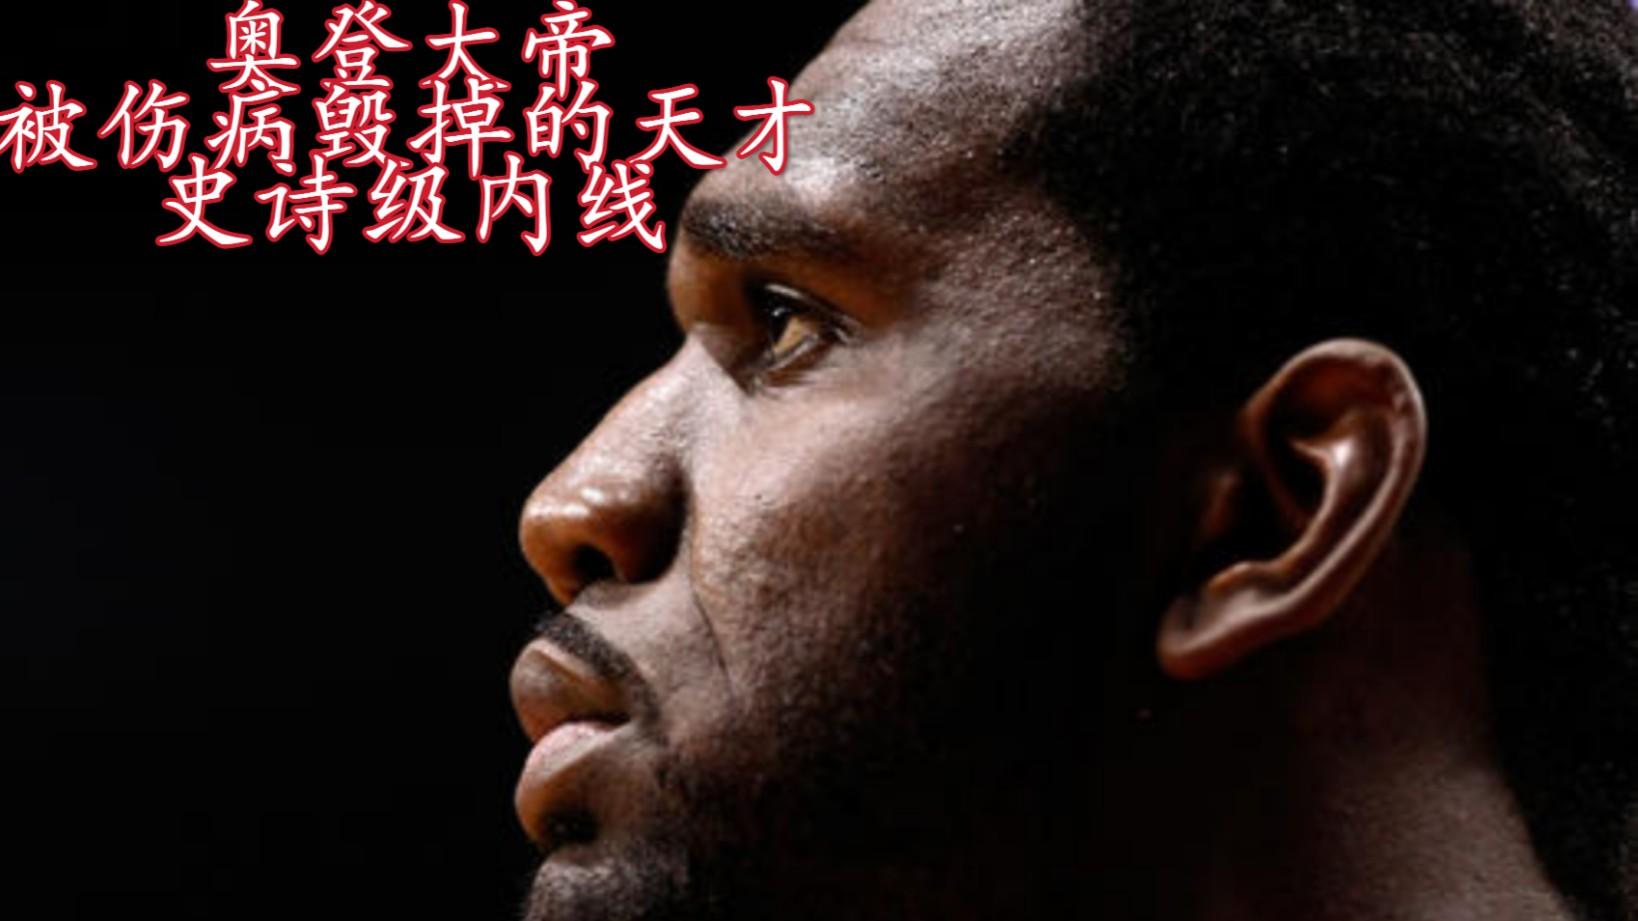 伤病毁掉的篮球天才,被誉为下一个具有史诗级统治力的内线球员!格雷格·奥登高光时刻混剪!